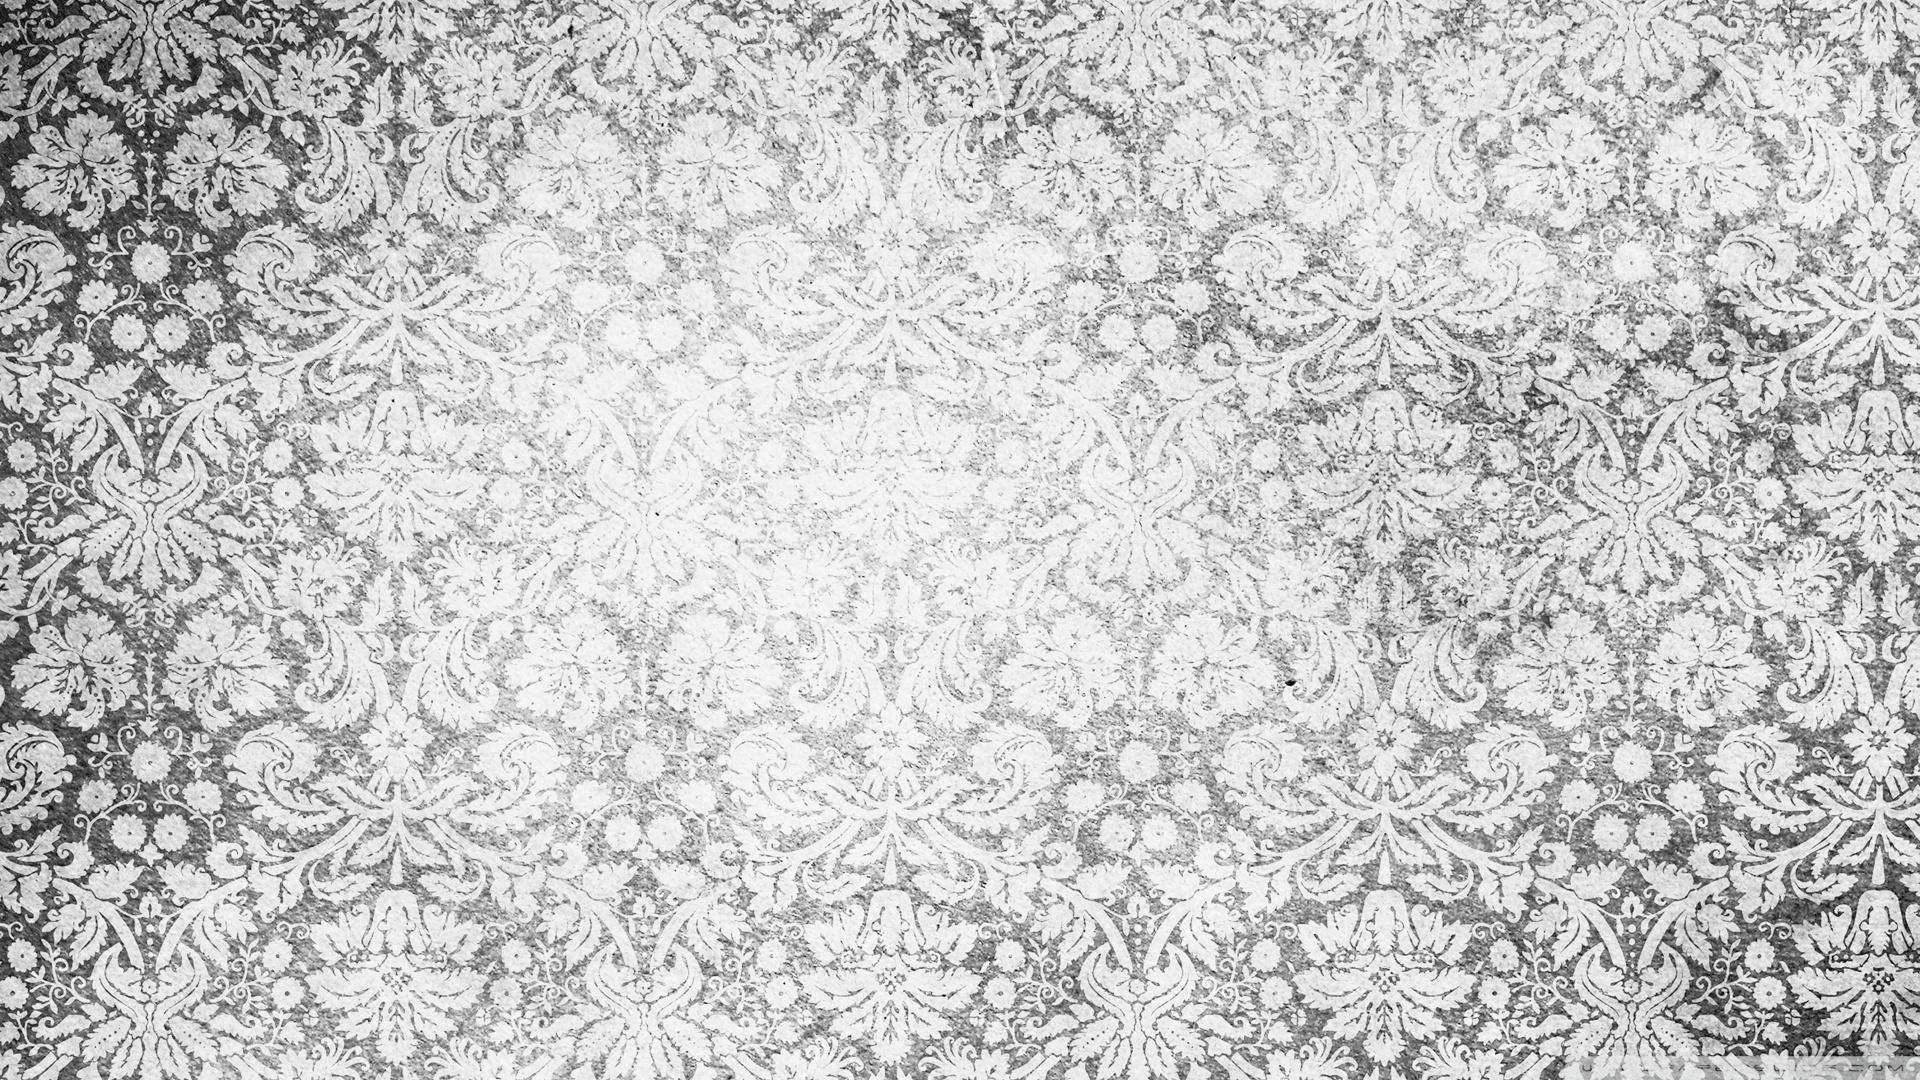 Pattern Black And White Wallpaper 1920x1080 Vintage Pattern Black 1920x1080